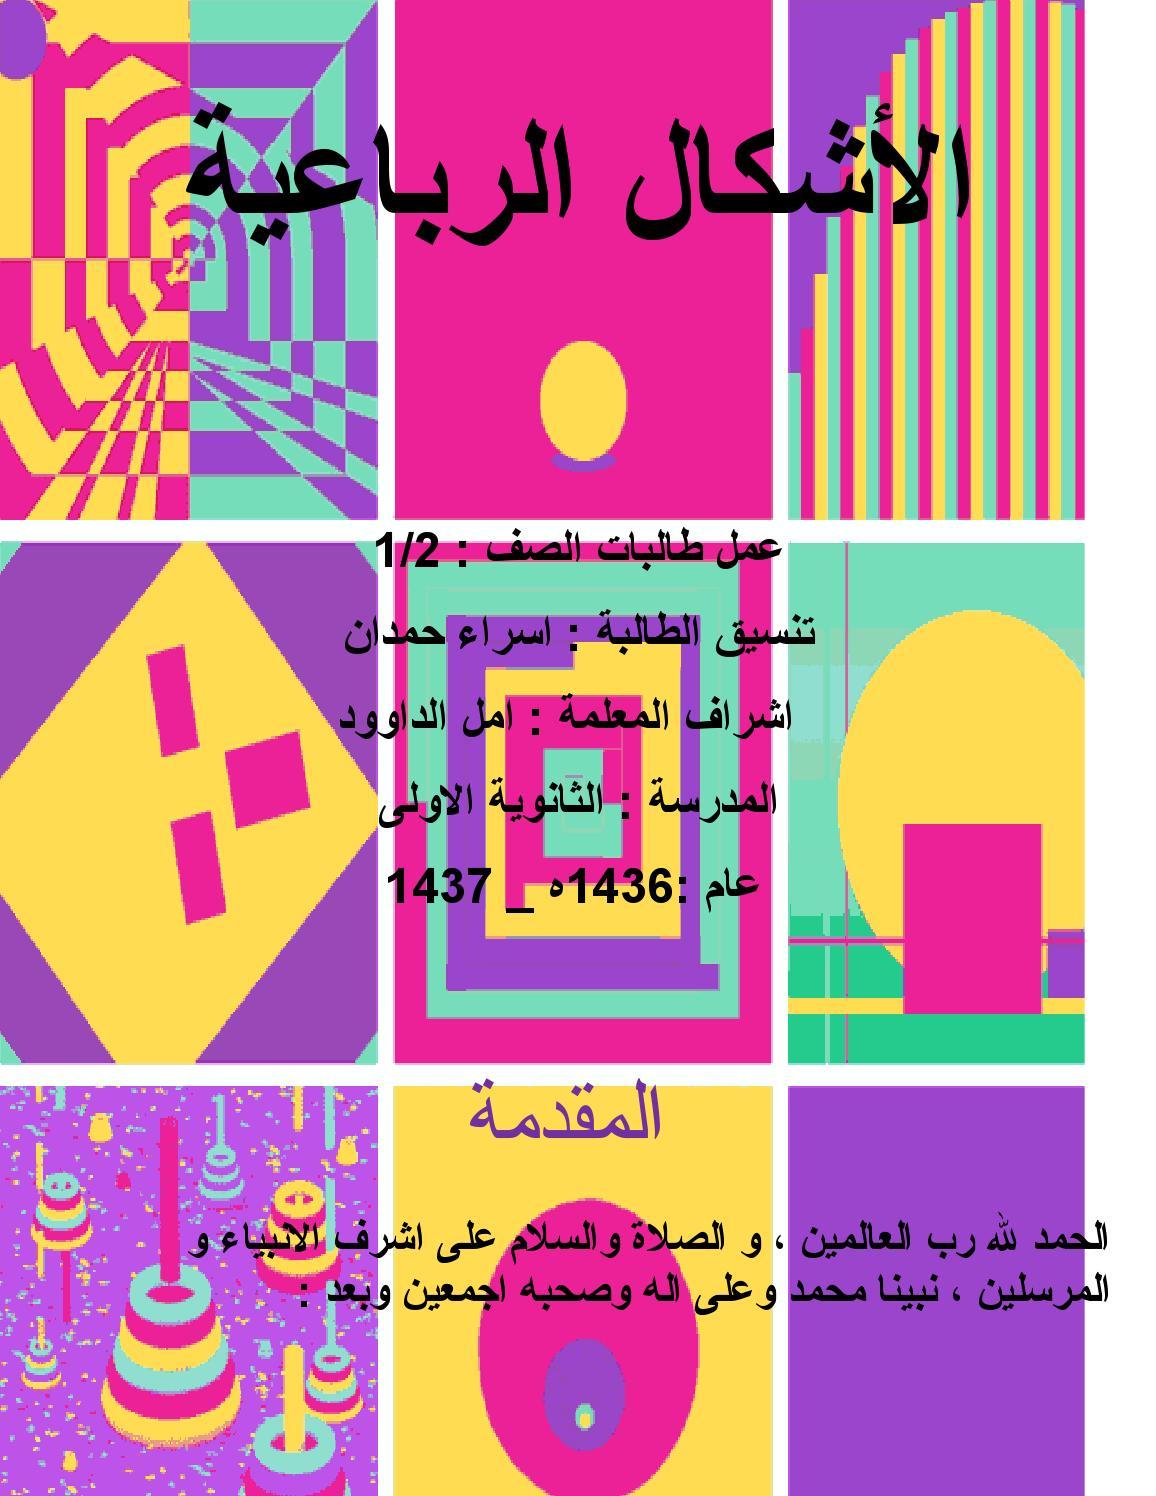 بحث رياضيات الأشكال الرباعية By Esraa Moneeb Issuu